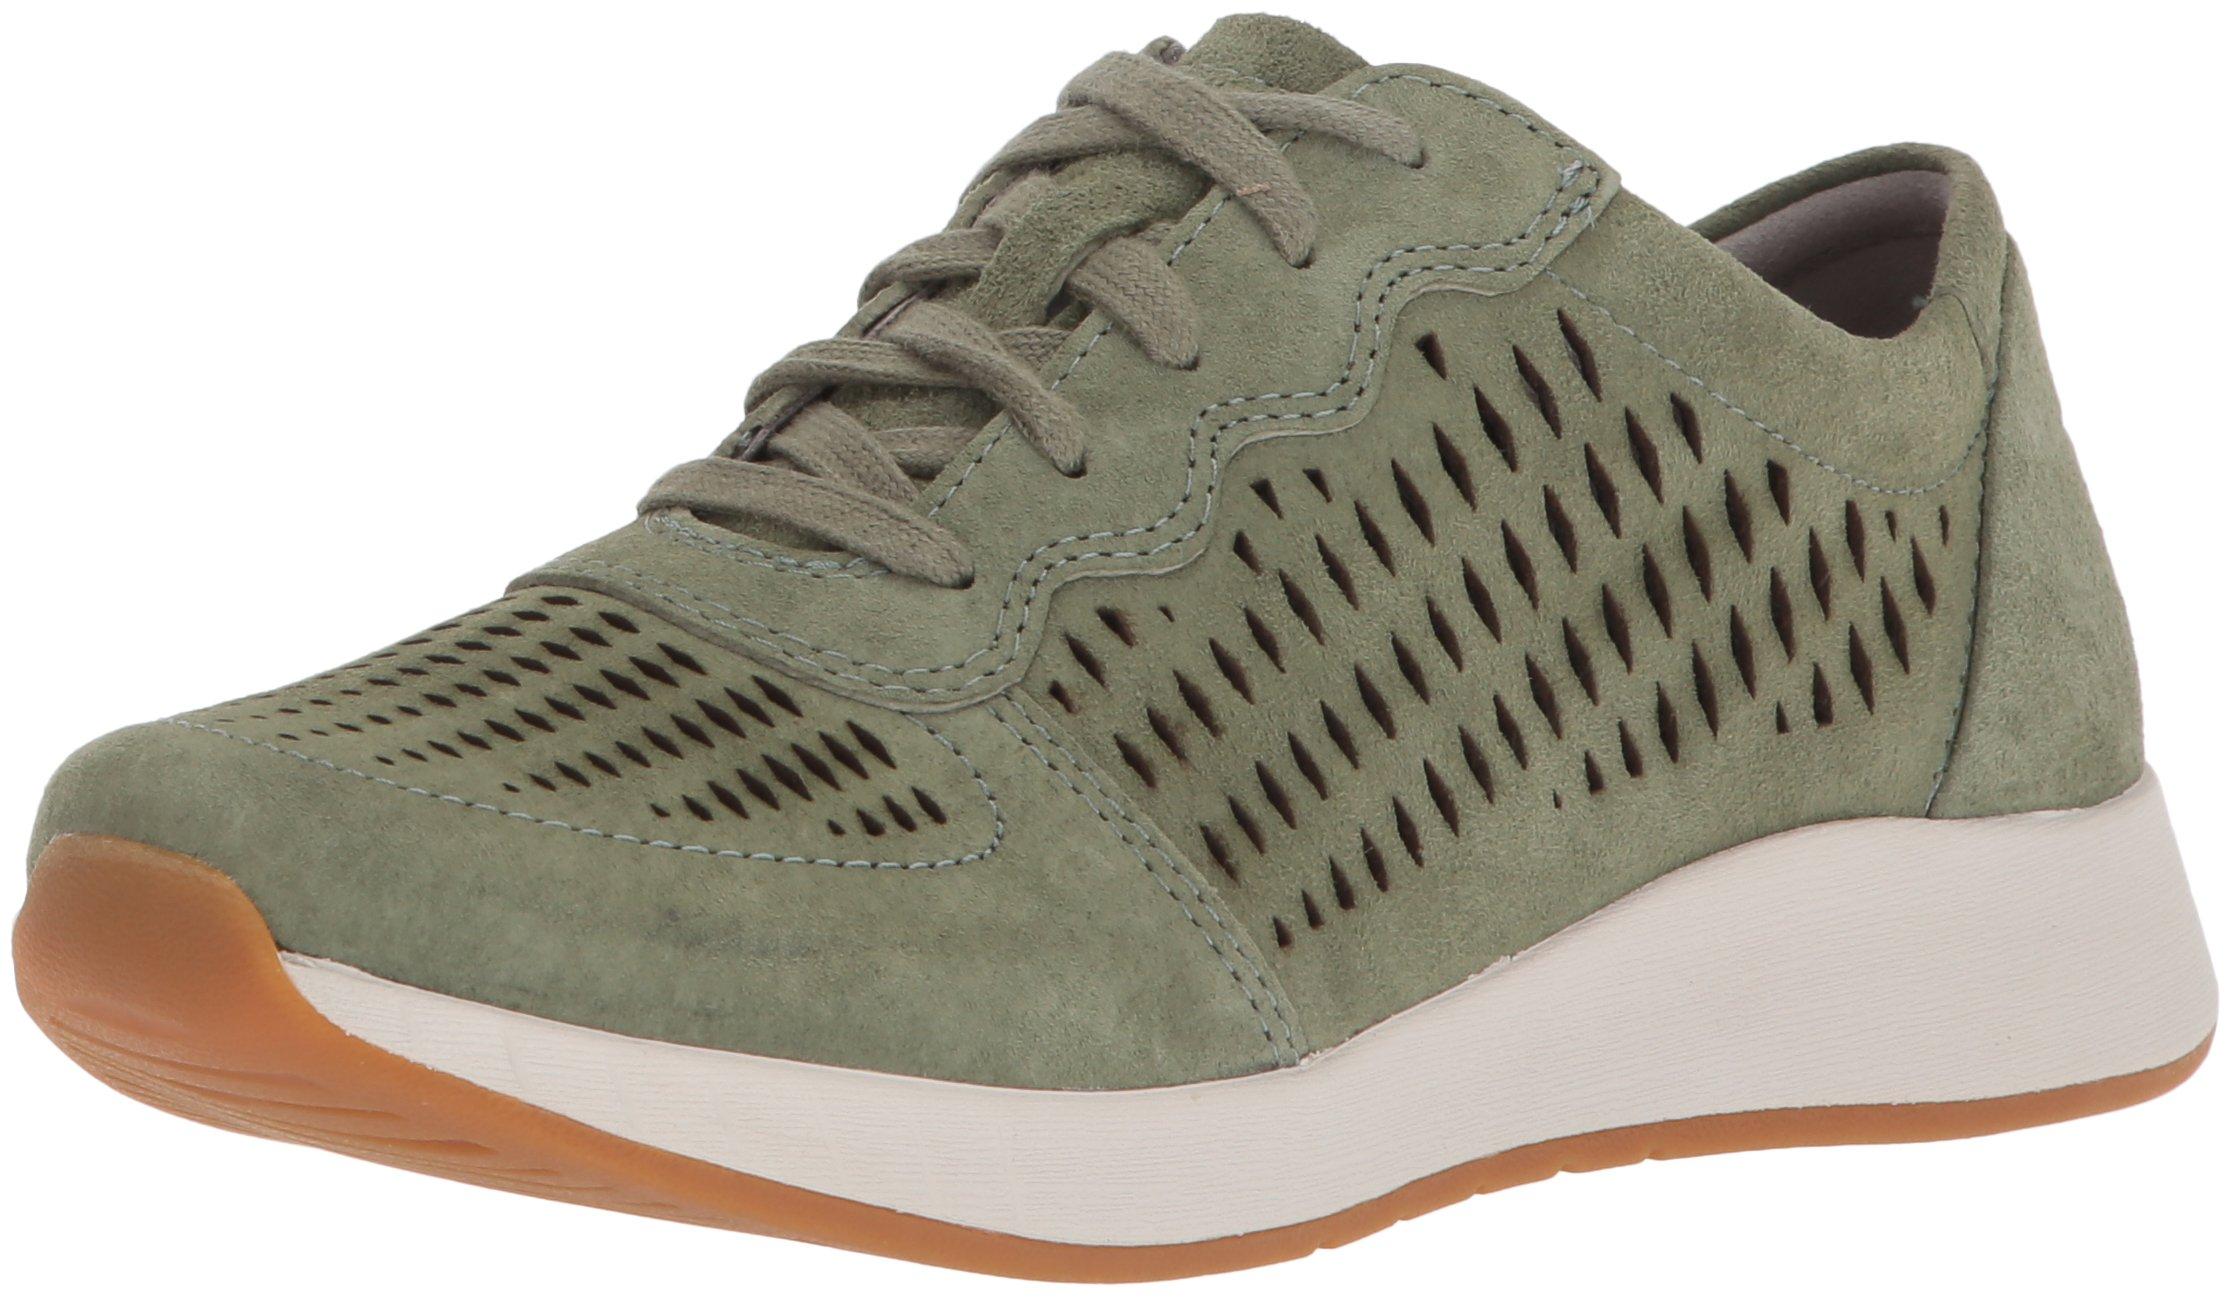 Dansko Women's Charlie Sneaker, Sage Suede, 38 M EU (7.5-8 US)